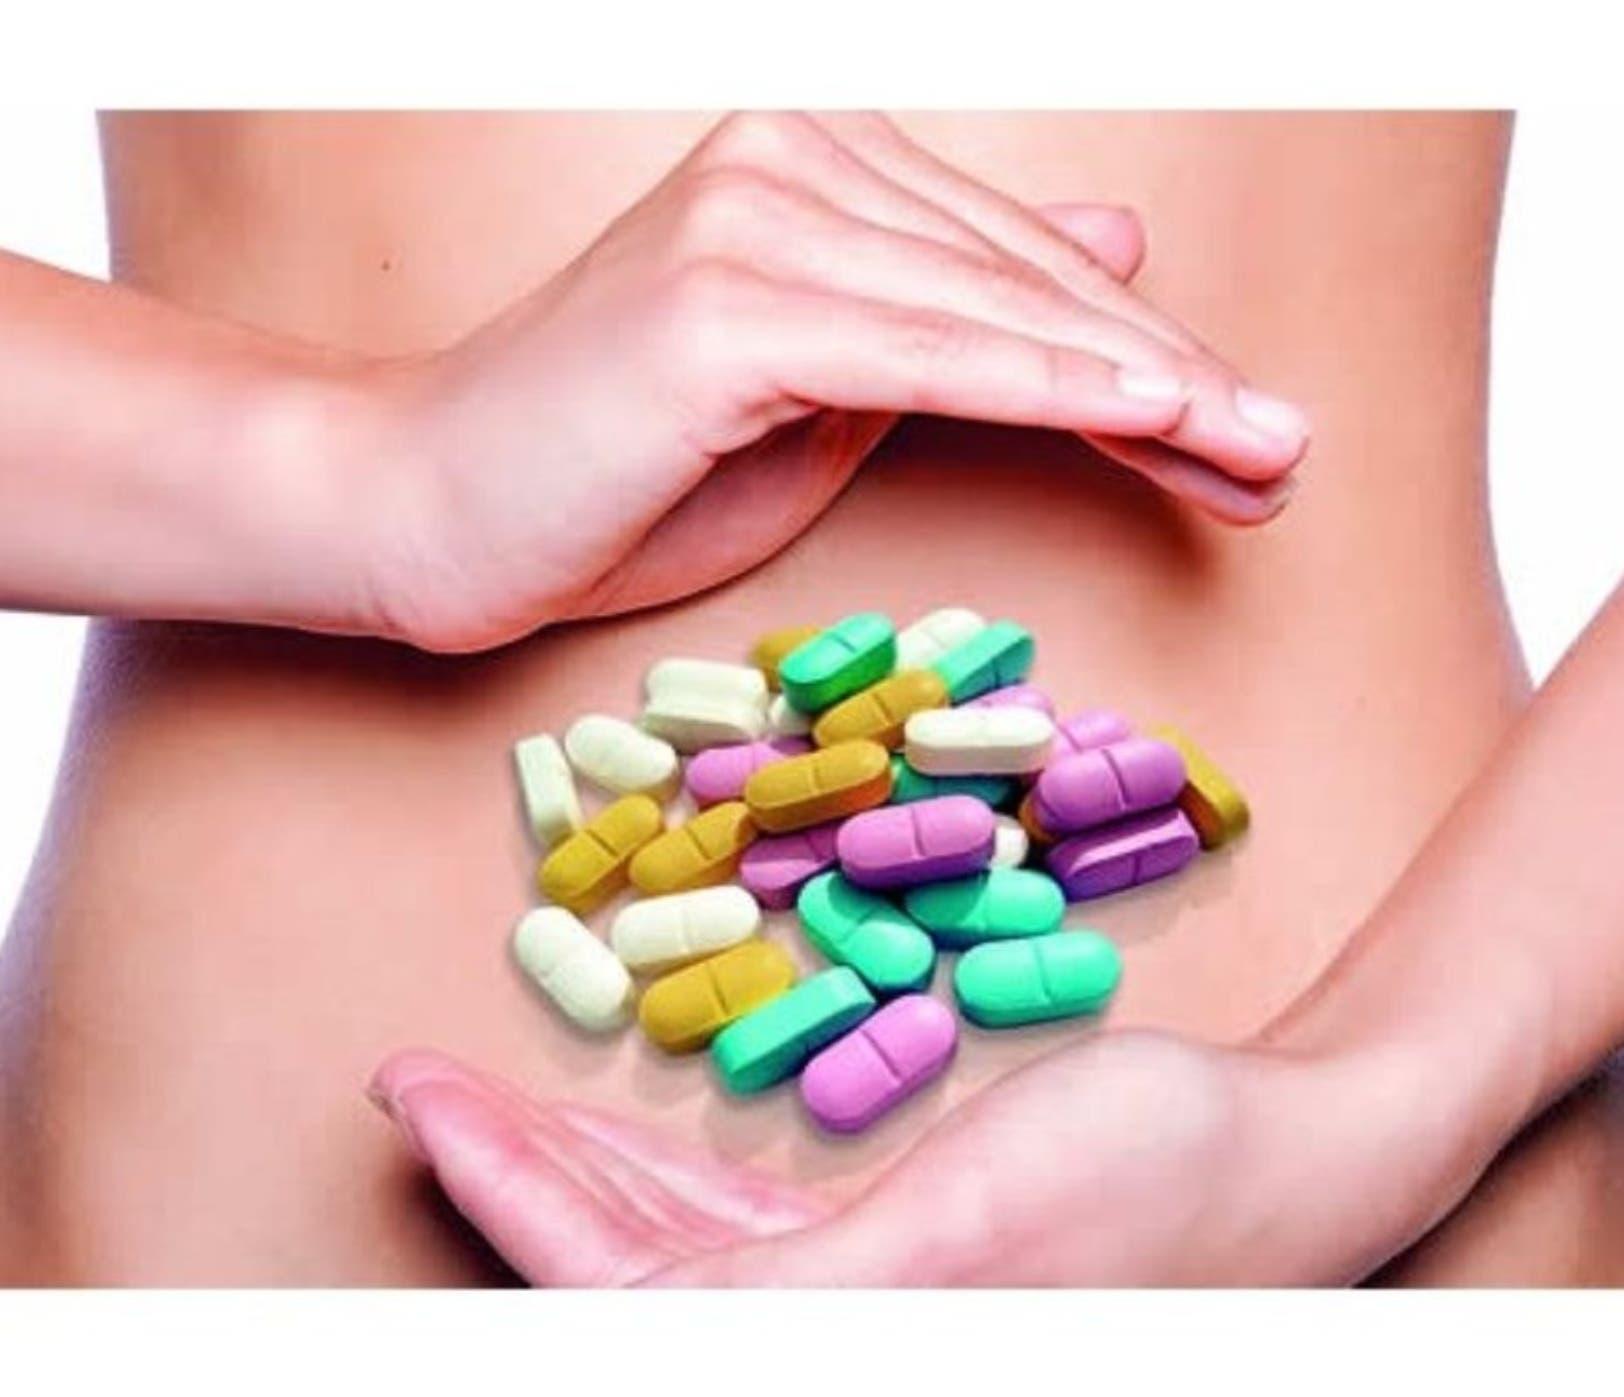 El gastroenterólogo debe orientar al paciente respecto al tiempo de duración del consumo de los protectores gástricos.